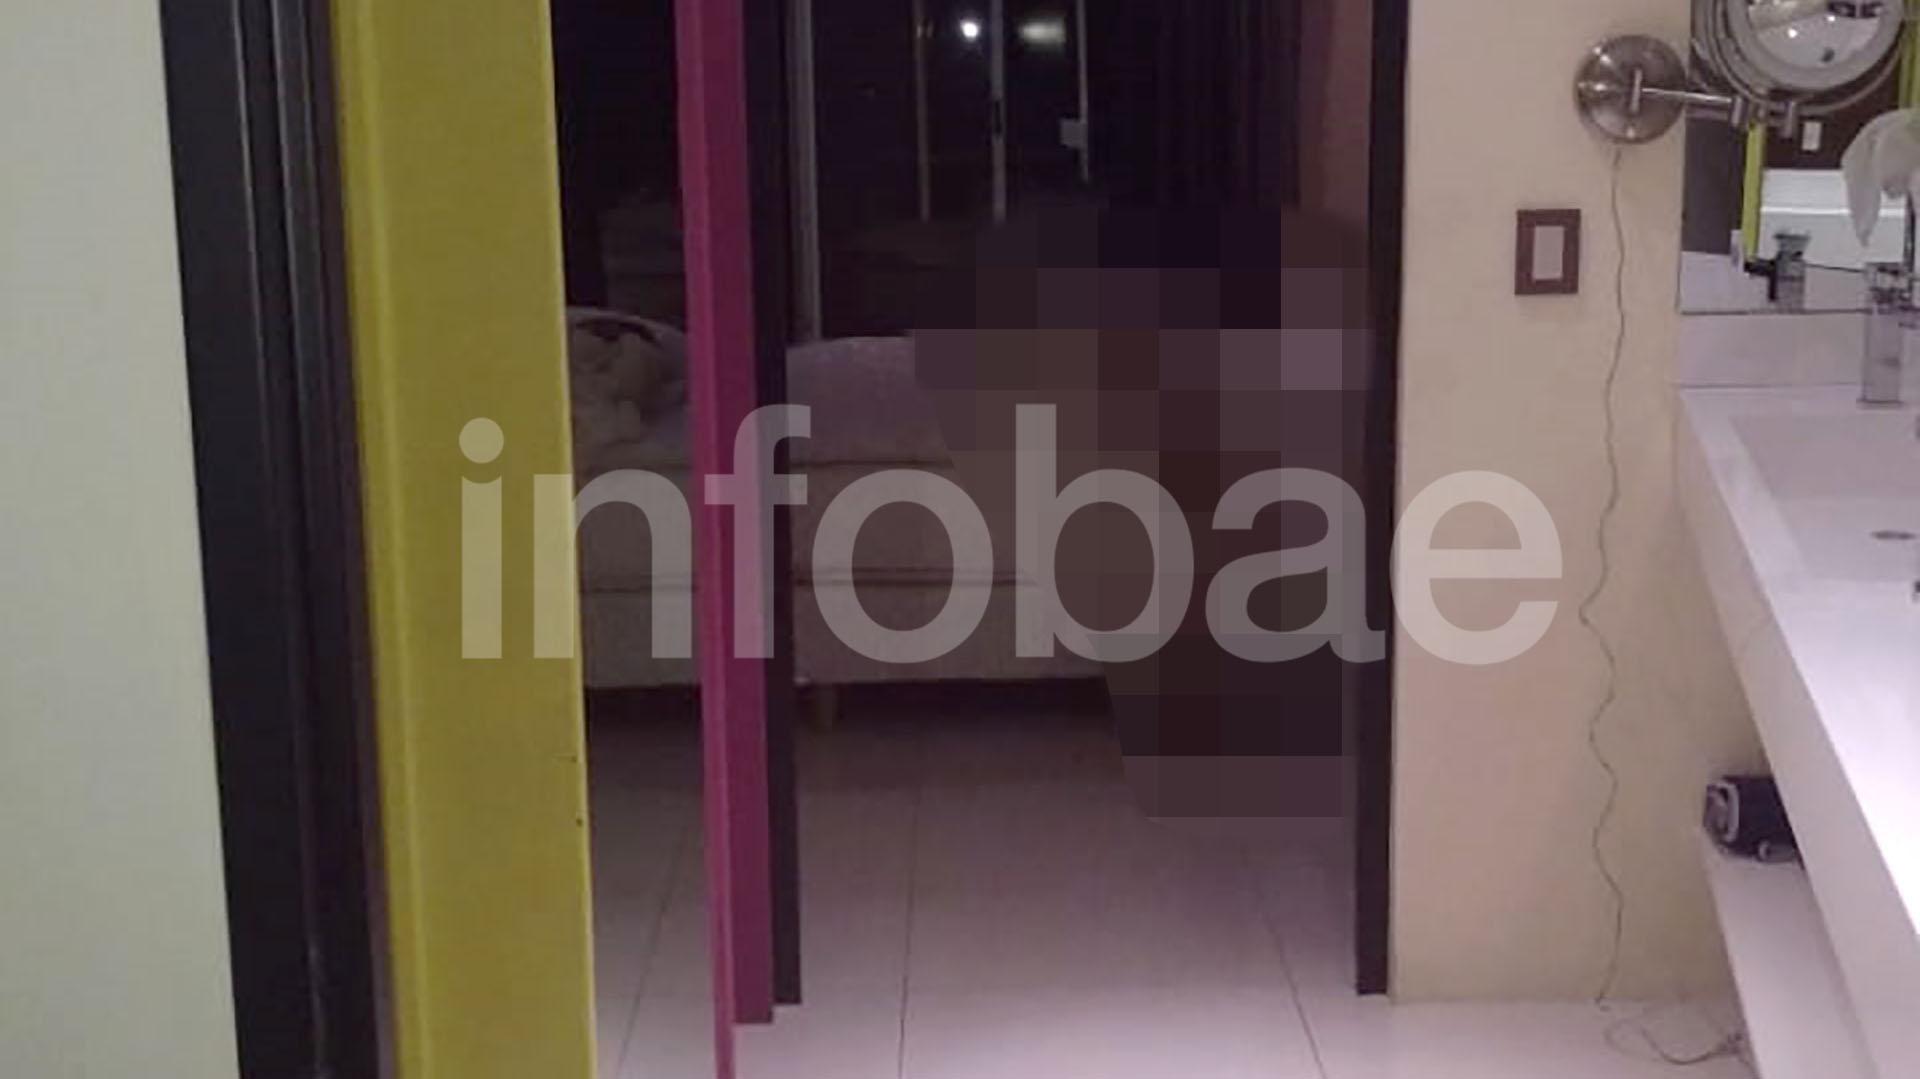 La habitación donde fue hallada muerta Natacha Jaitt